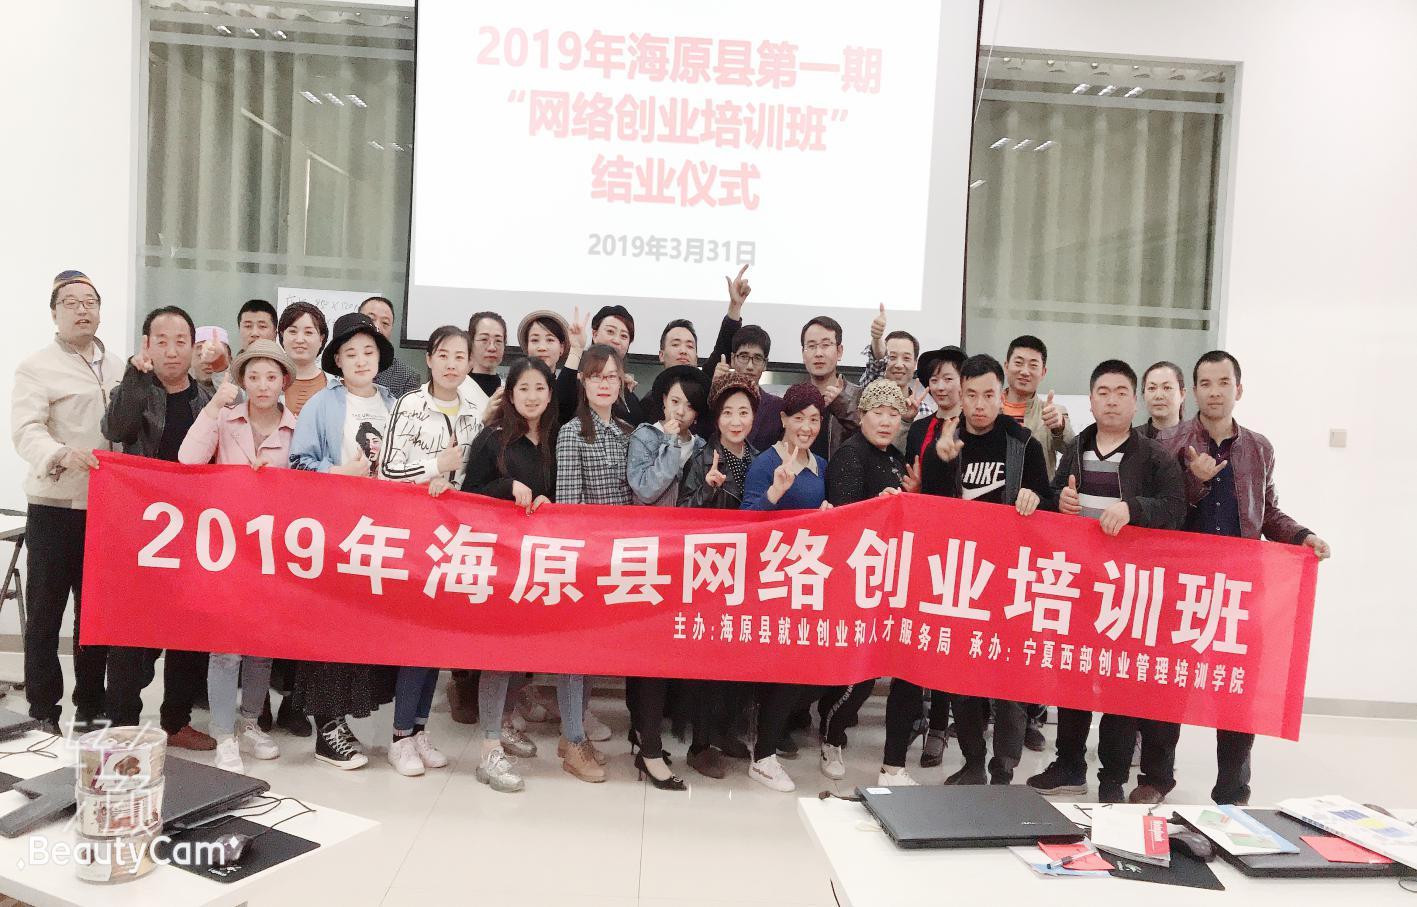 2019丨海原县第一期网络创业培训班圆满结束